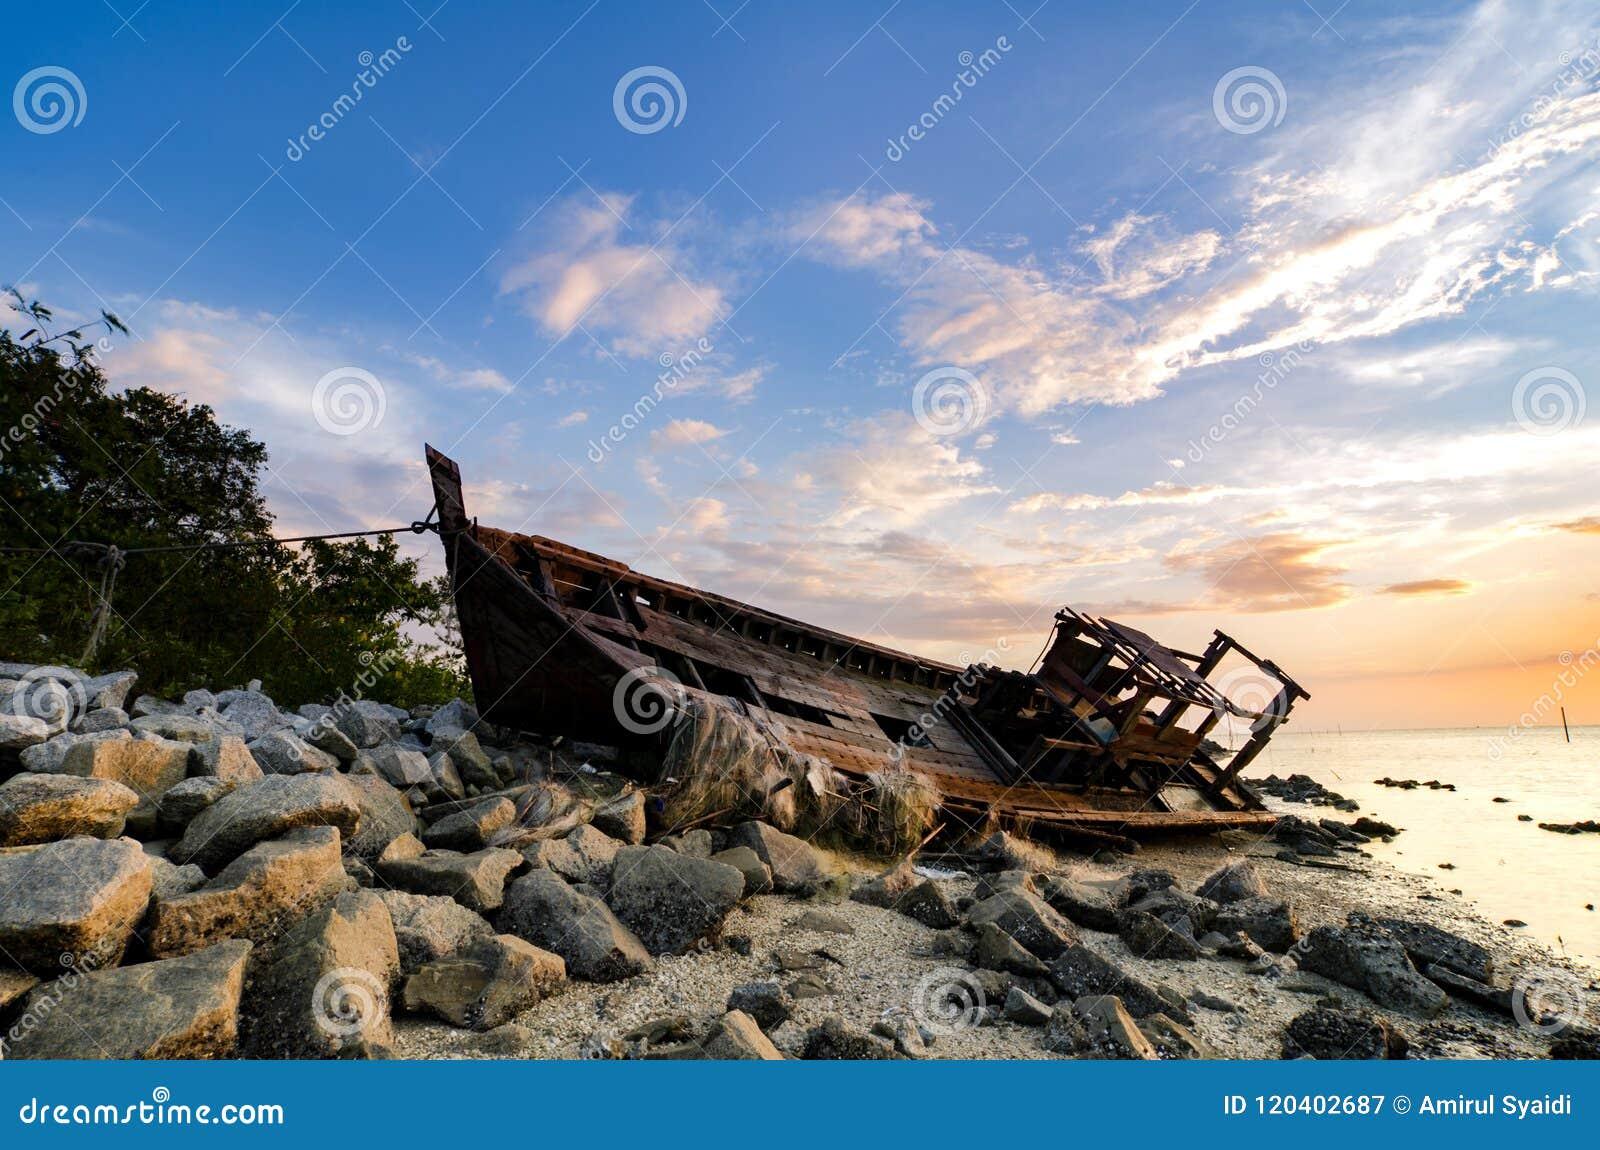 Siluetee la imagen del abandono naufragada en línea de la playa rocosa nube oscura y suavemente en el agua